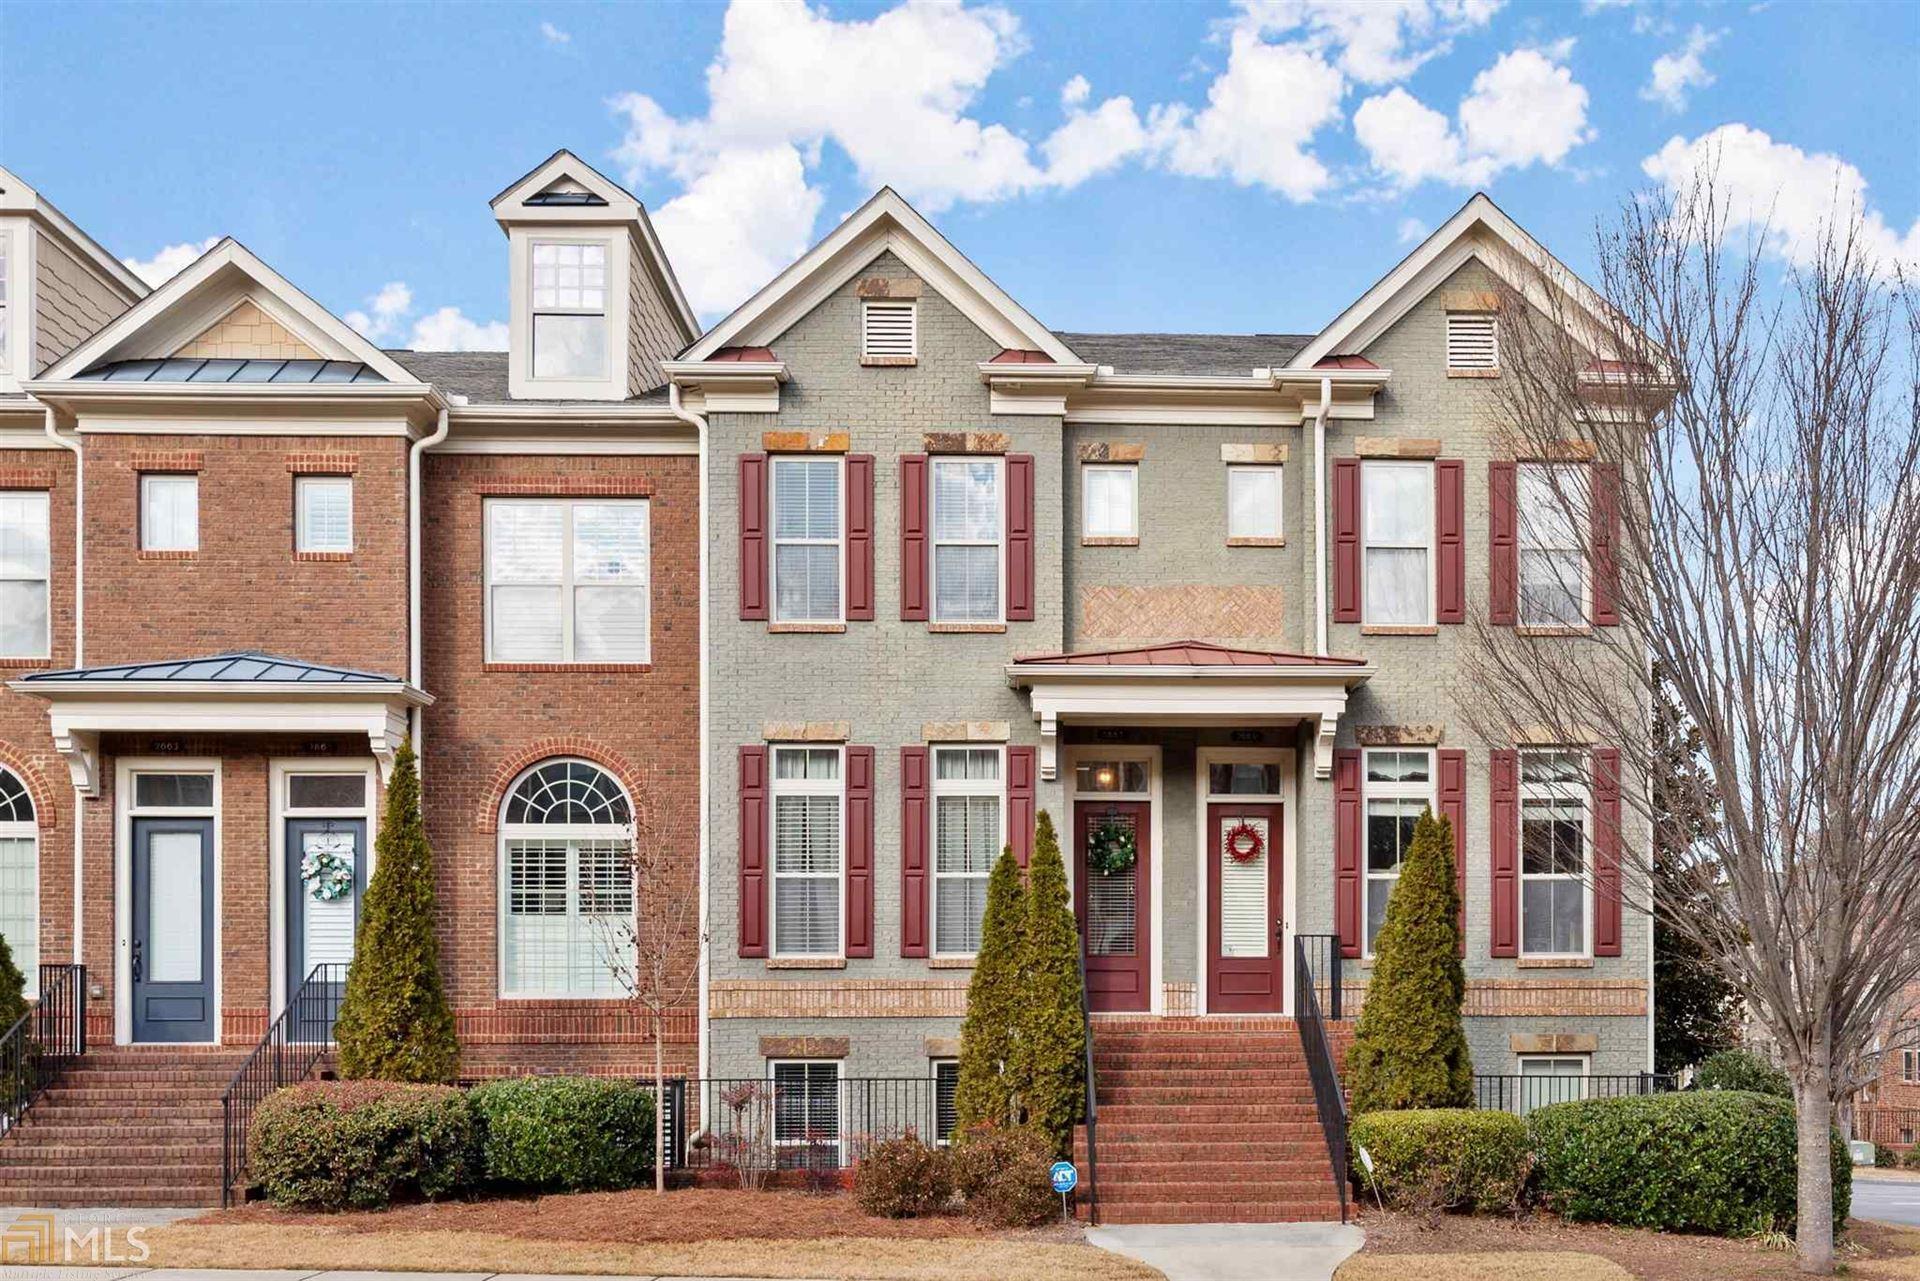 2667 Avon Cv, Atlanta, GA 30329 - MLS#: 8909163